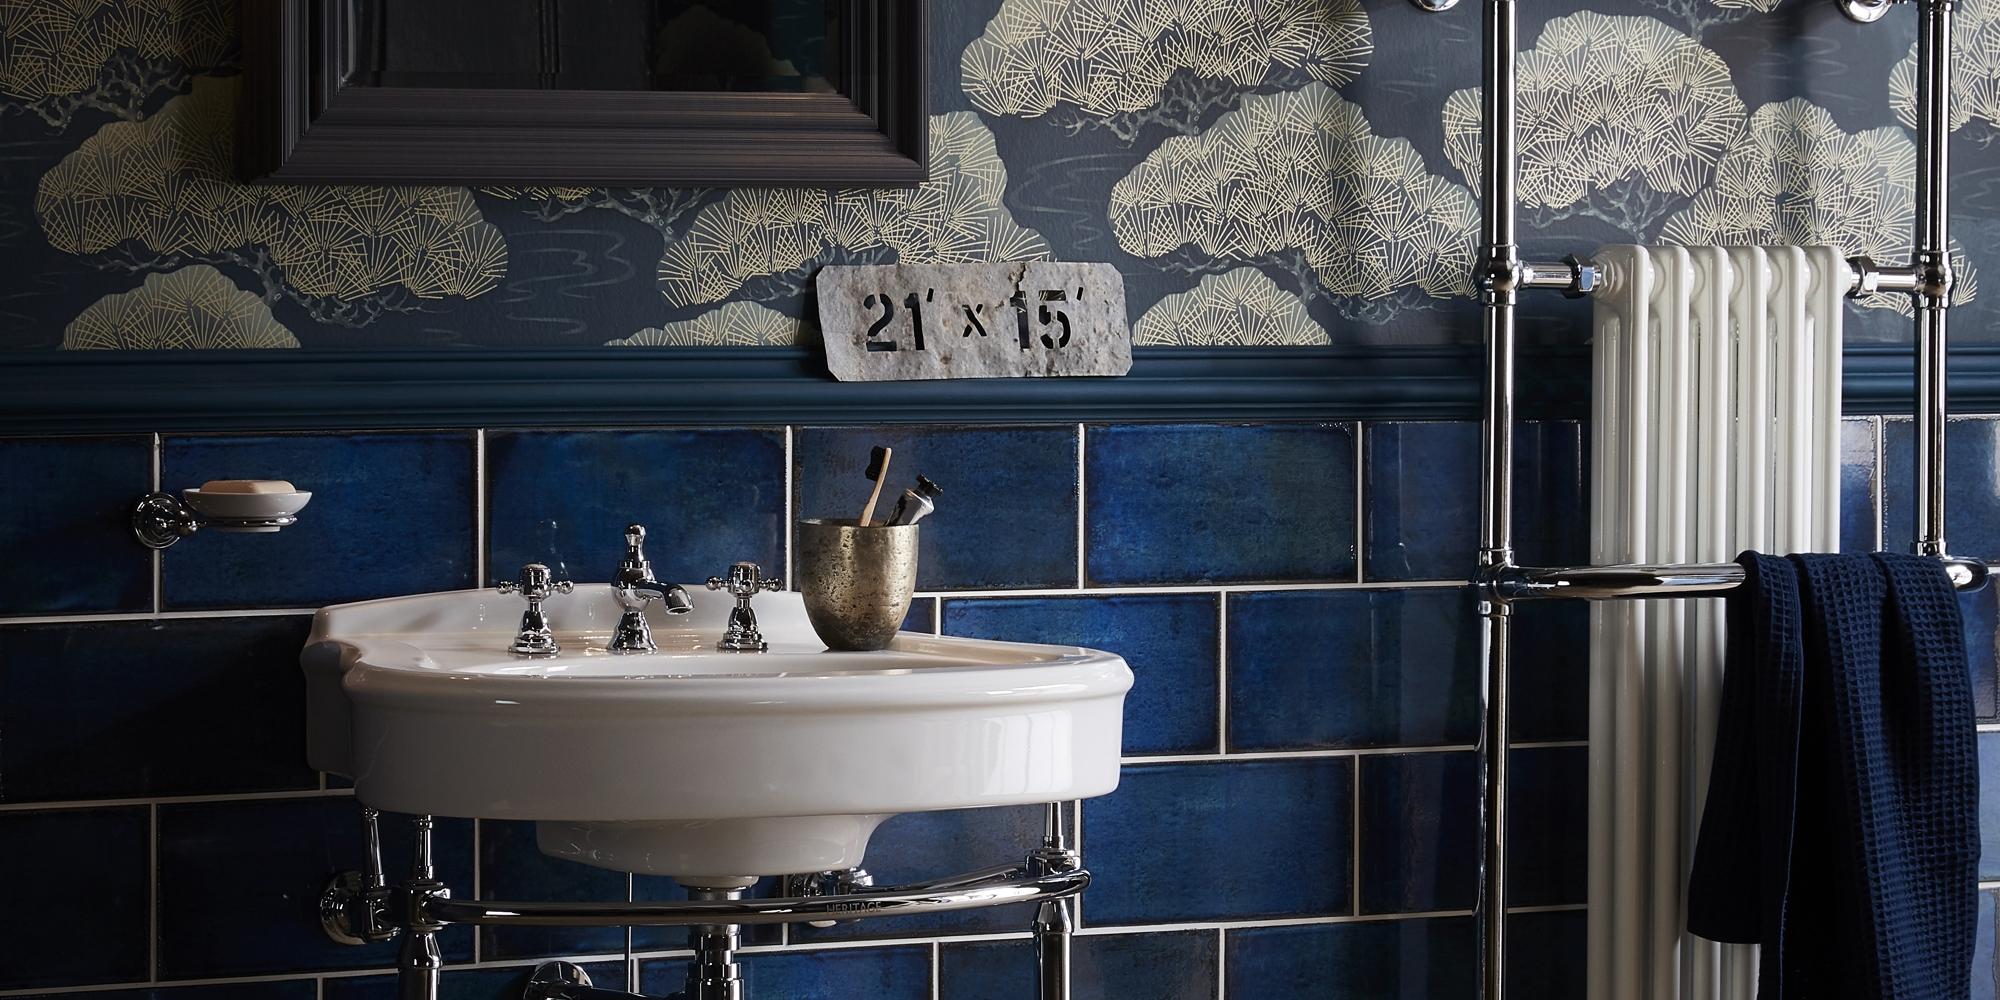 designer bathroom, heritage basini